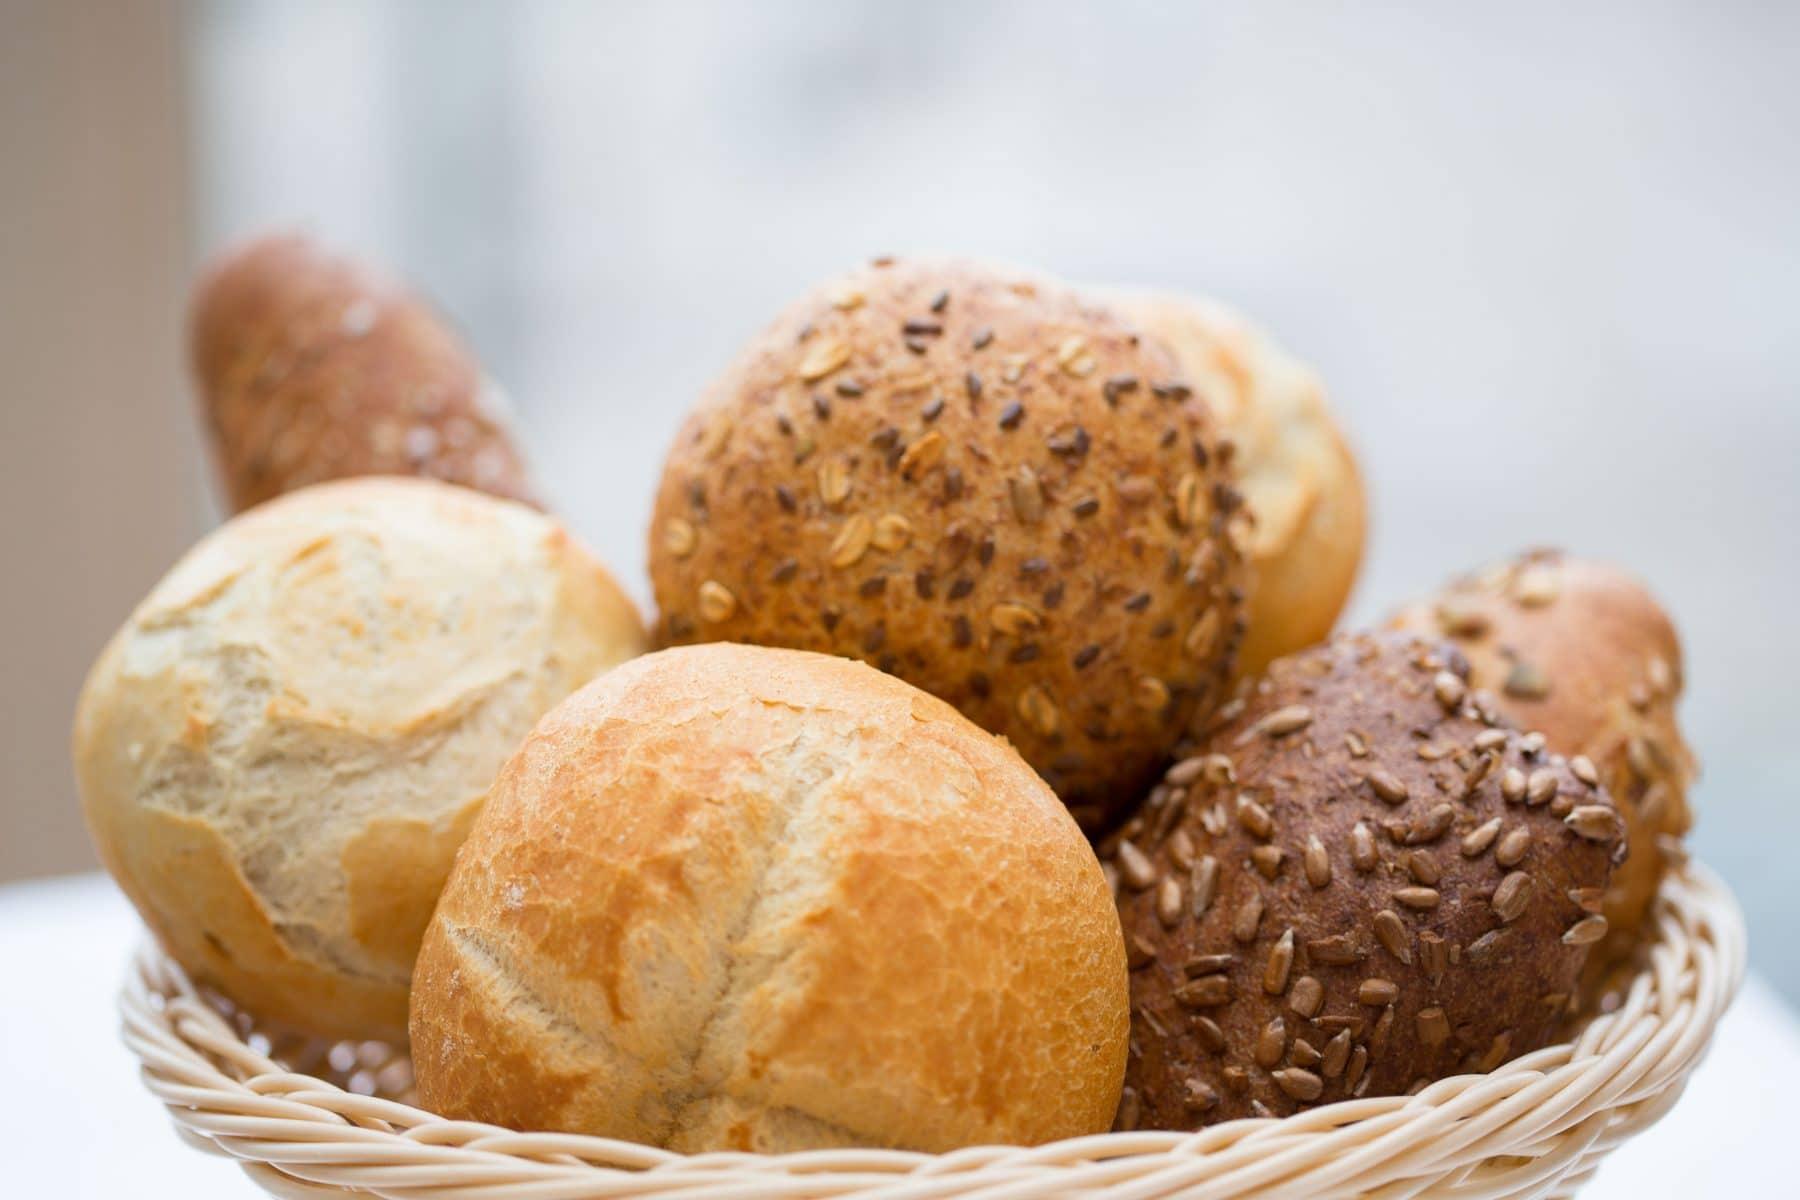 Frühstücksbuffet, Frisch, Regional, Bäcker vor Ort